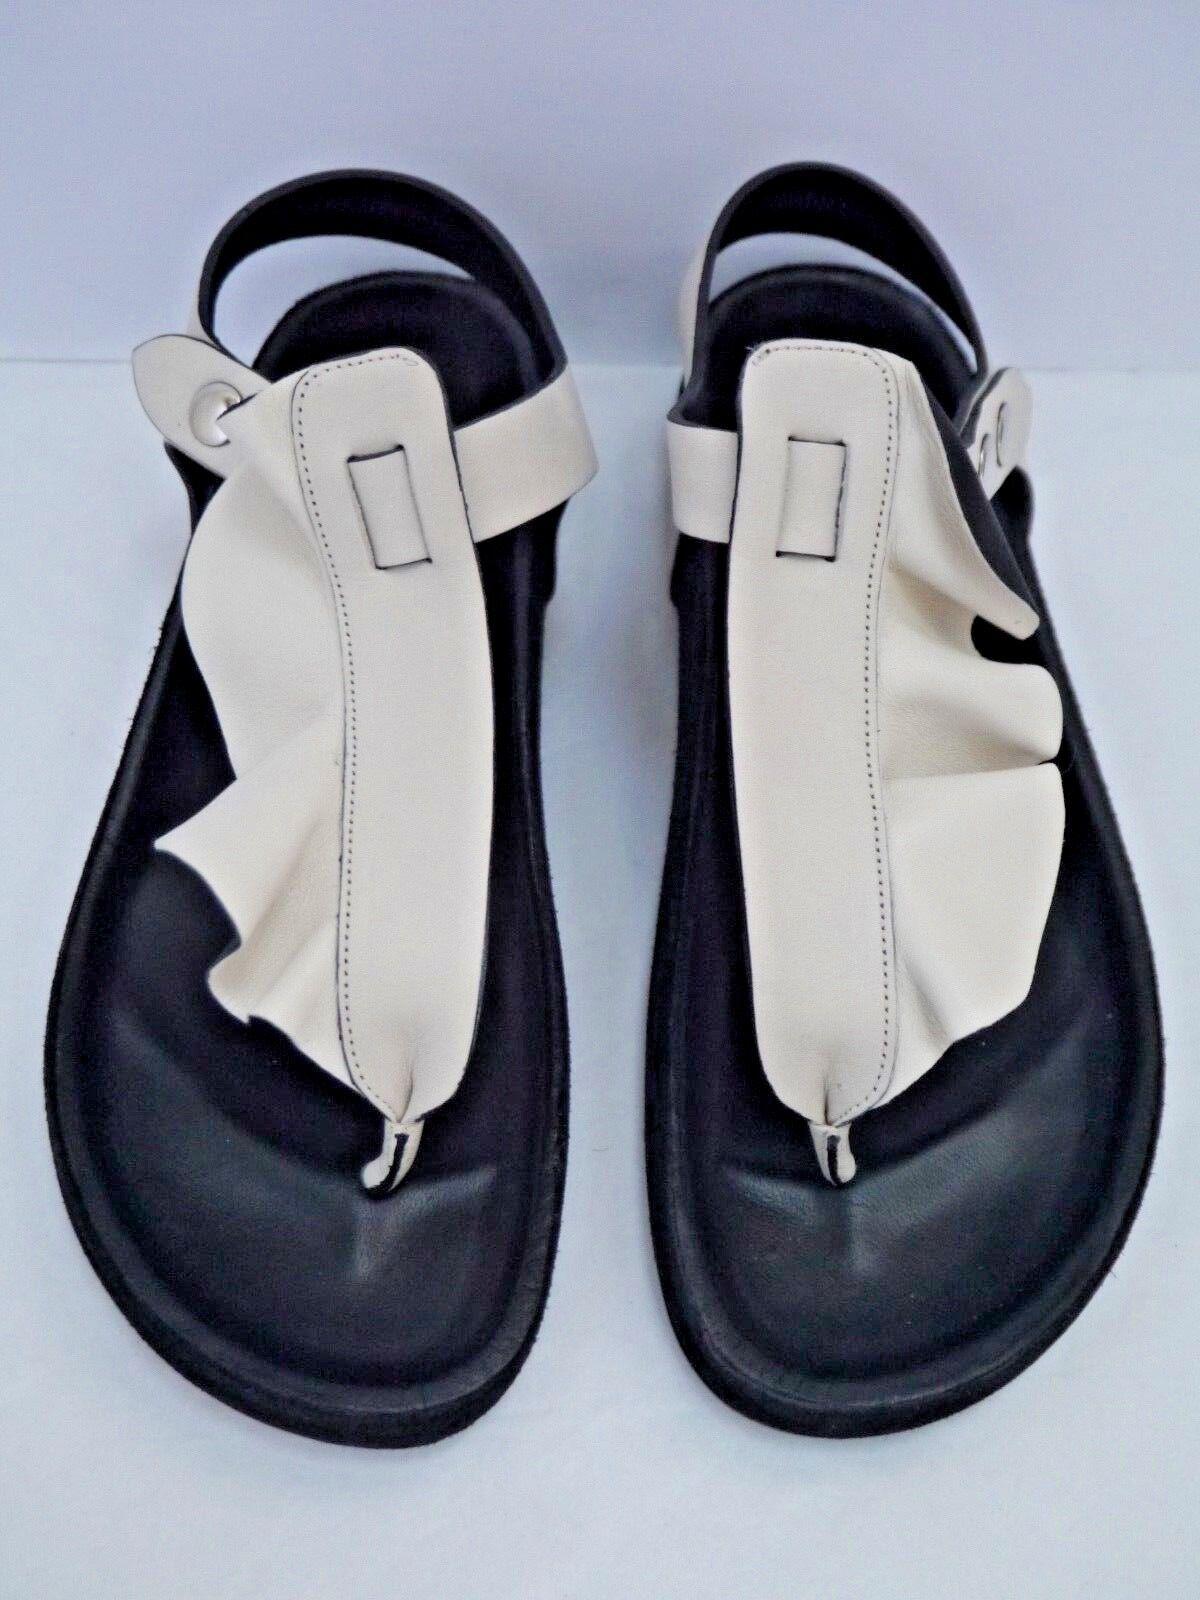 NEW ISABEL MARANT sandals ivory schwarz leather ruffle thong flat sandals MARANT size 39 ad2774